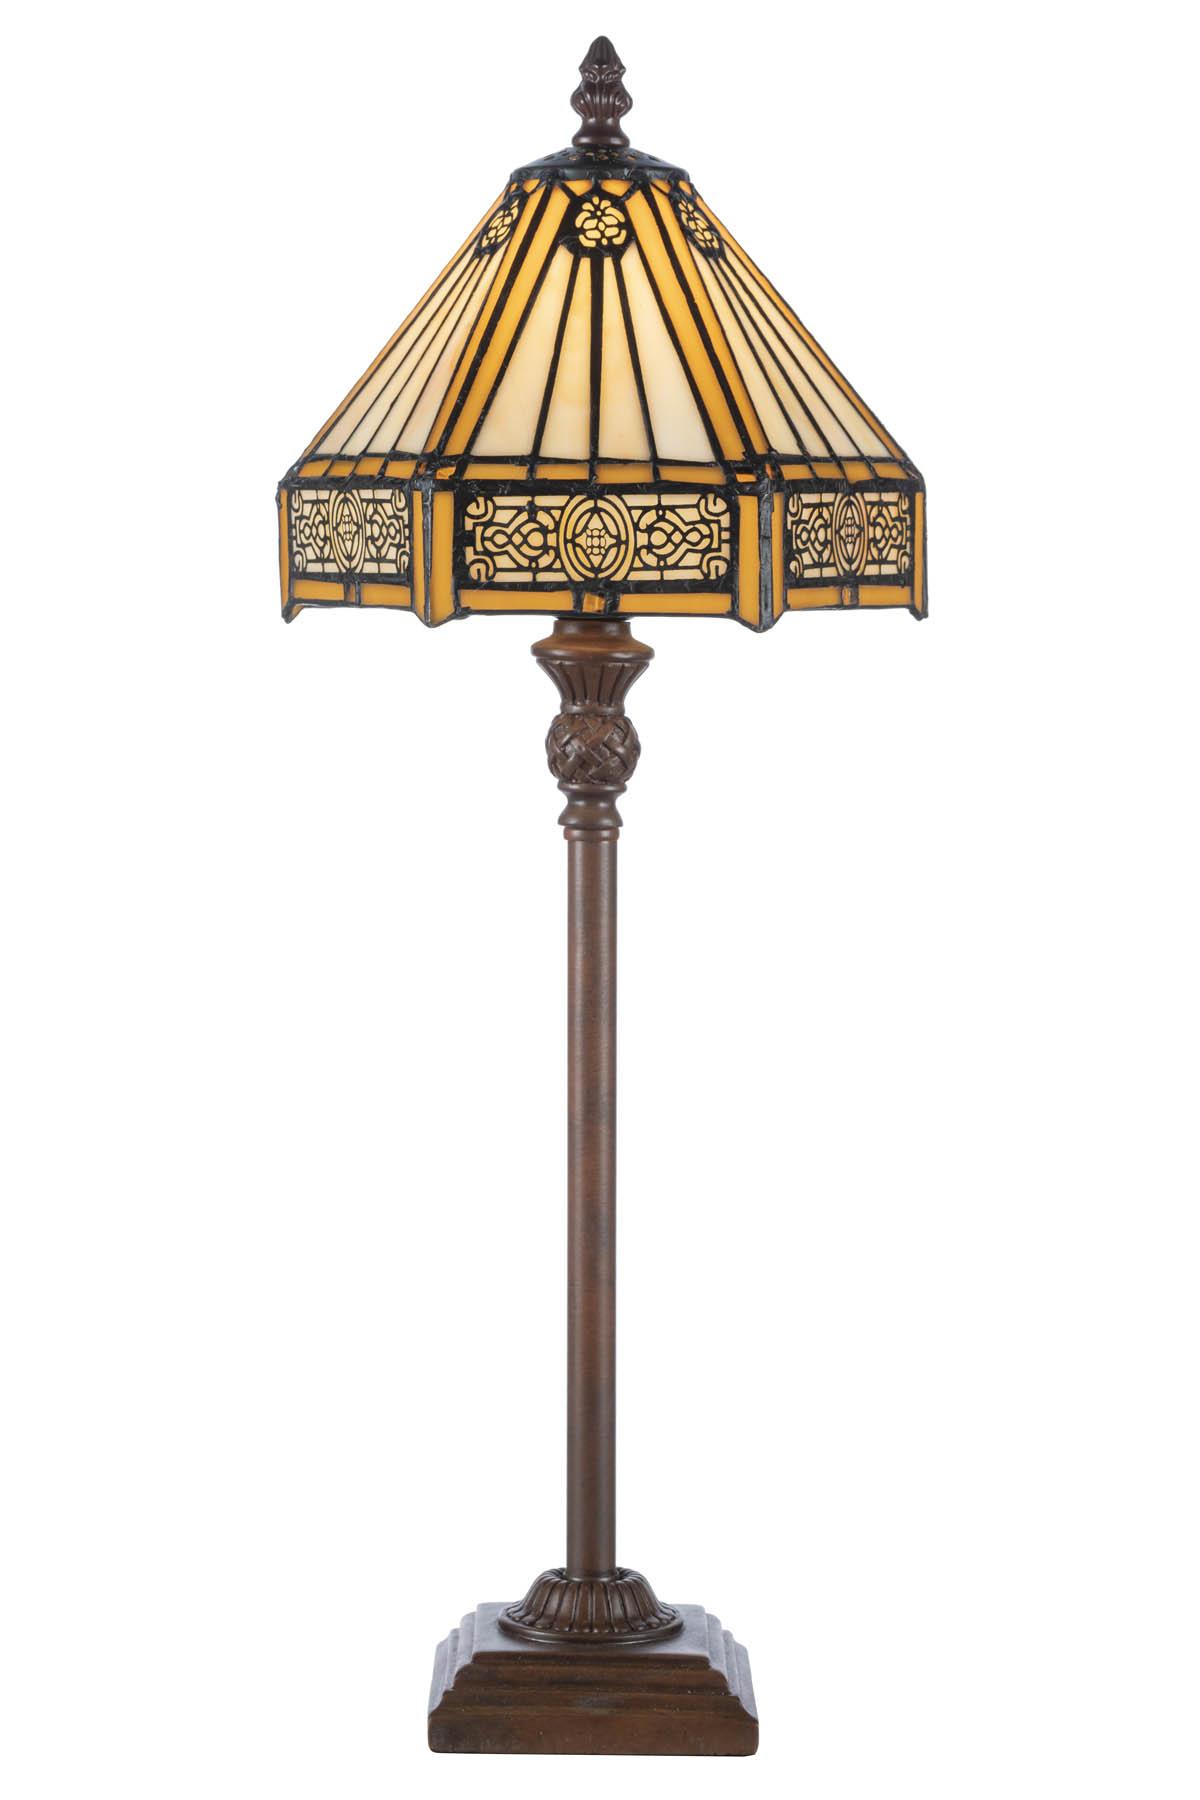 VOIR TOUTES LES LAMPES ET LAMPADAIRES